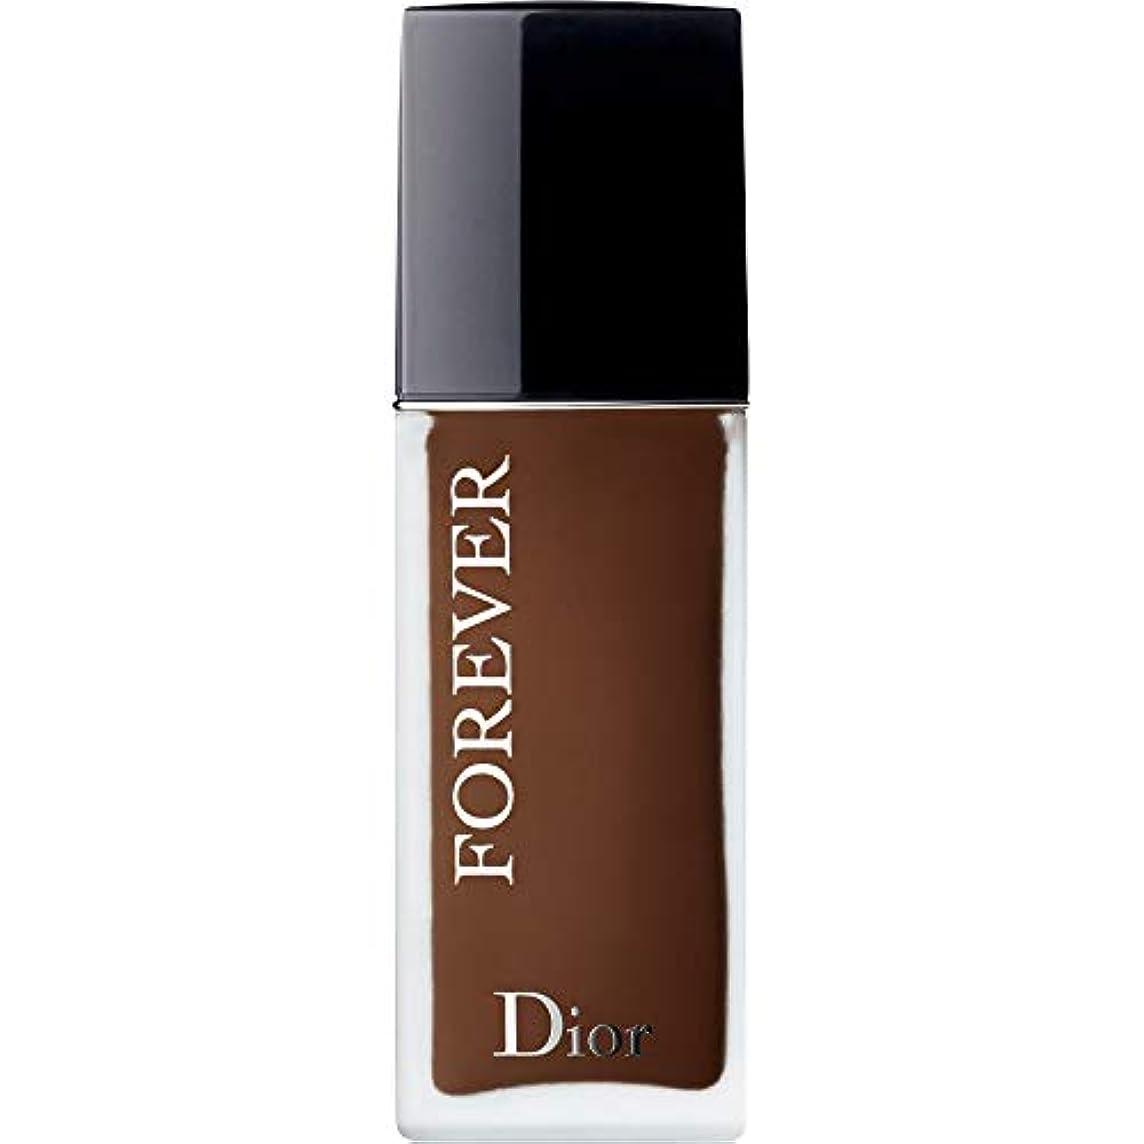 薄いです剛性脚本[Dior ] ディオール永遠皮膚思いやりの基盤Spf35 30ミリリットルの9N - ニュートラル(つや消し) - DIOR Forever Skin-Caring Foundation SPF35 30ml 9N -...